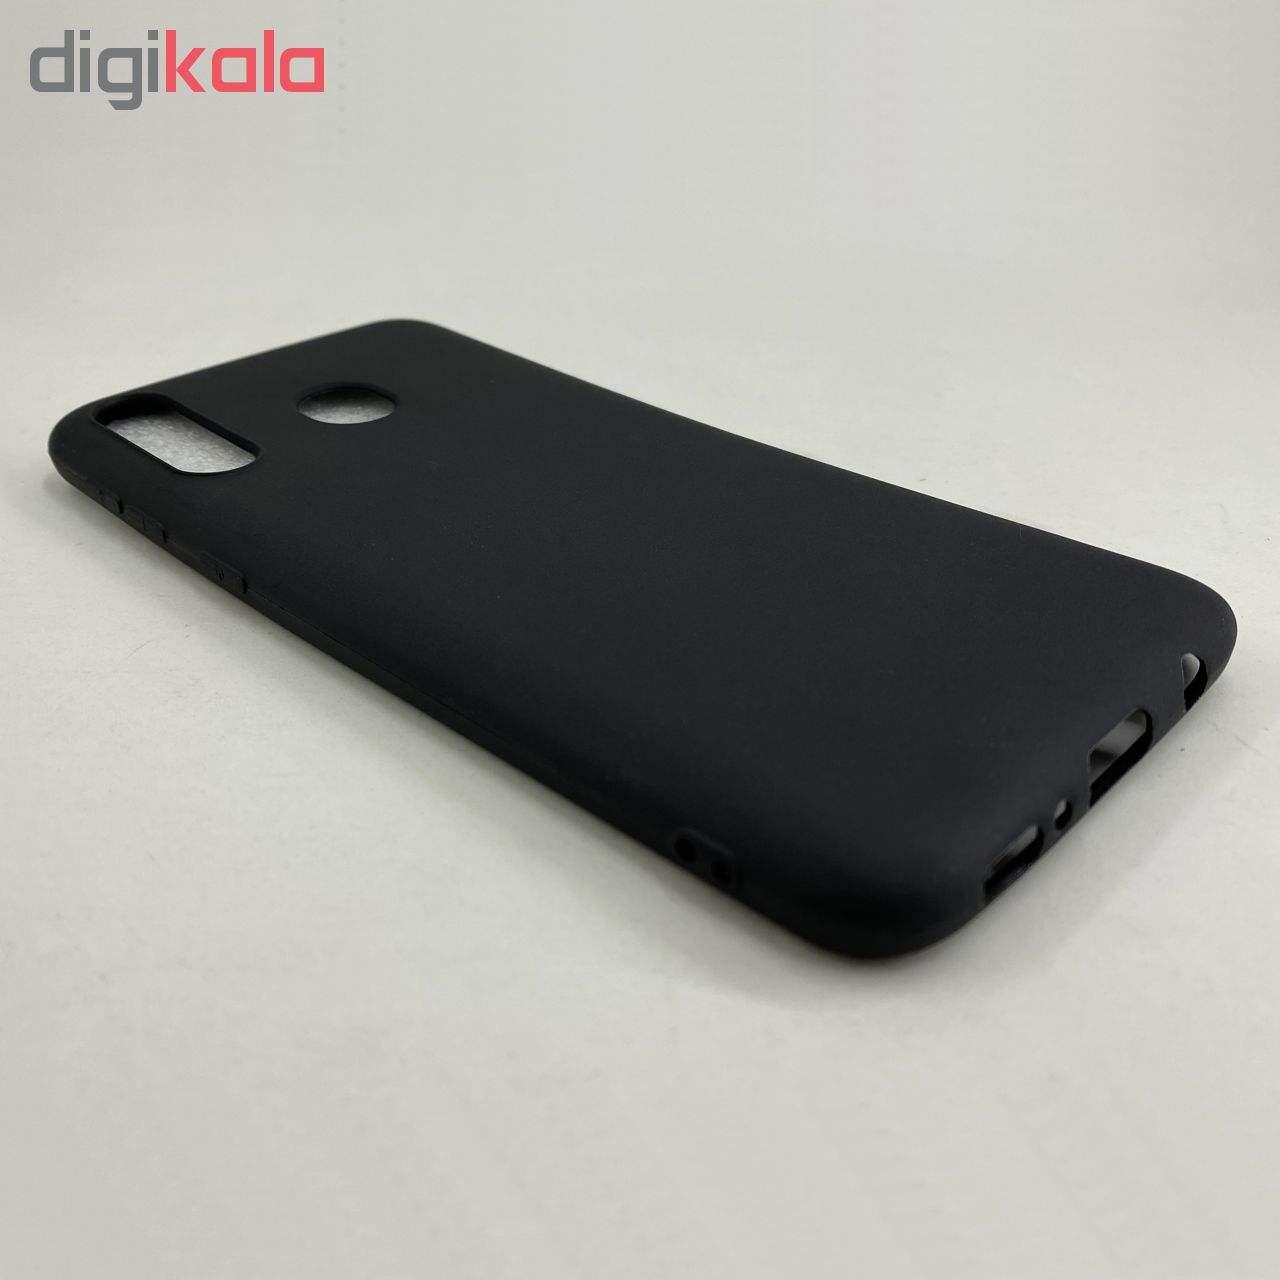 کاور مدل Zhl مناسب برای گوشی موبایل سامسونگ Galaxy M30 main 1 3